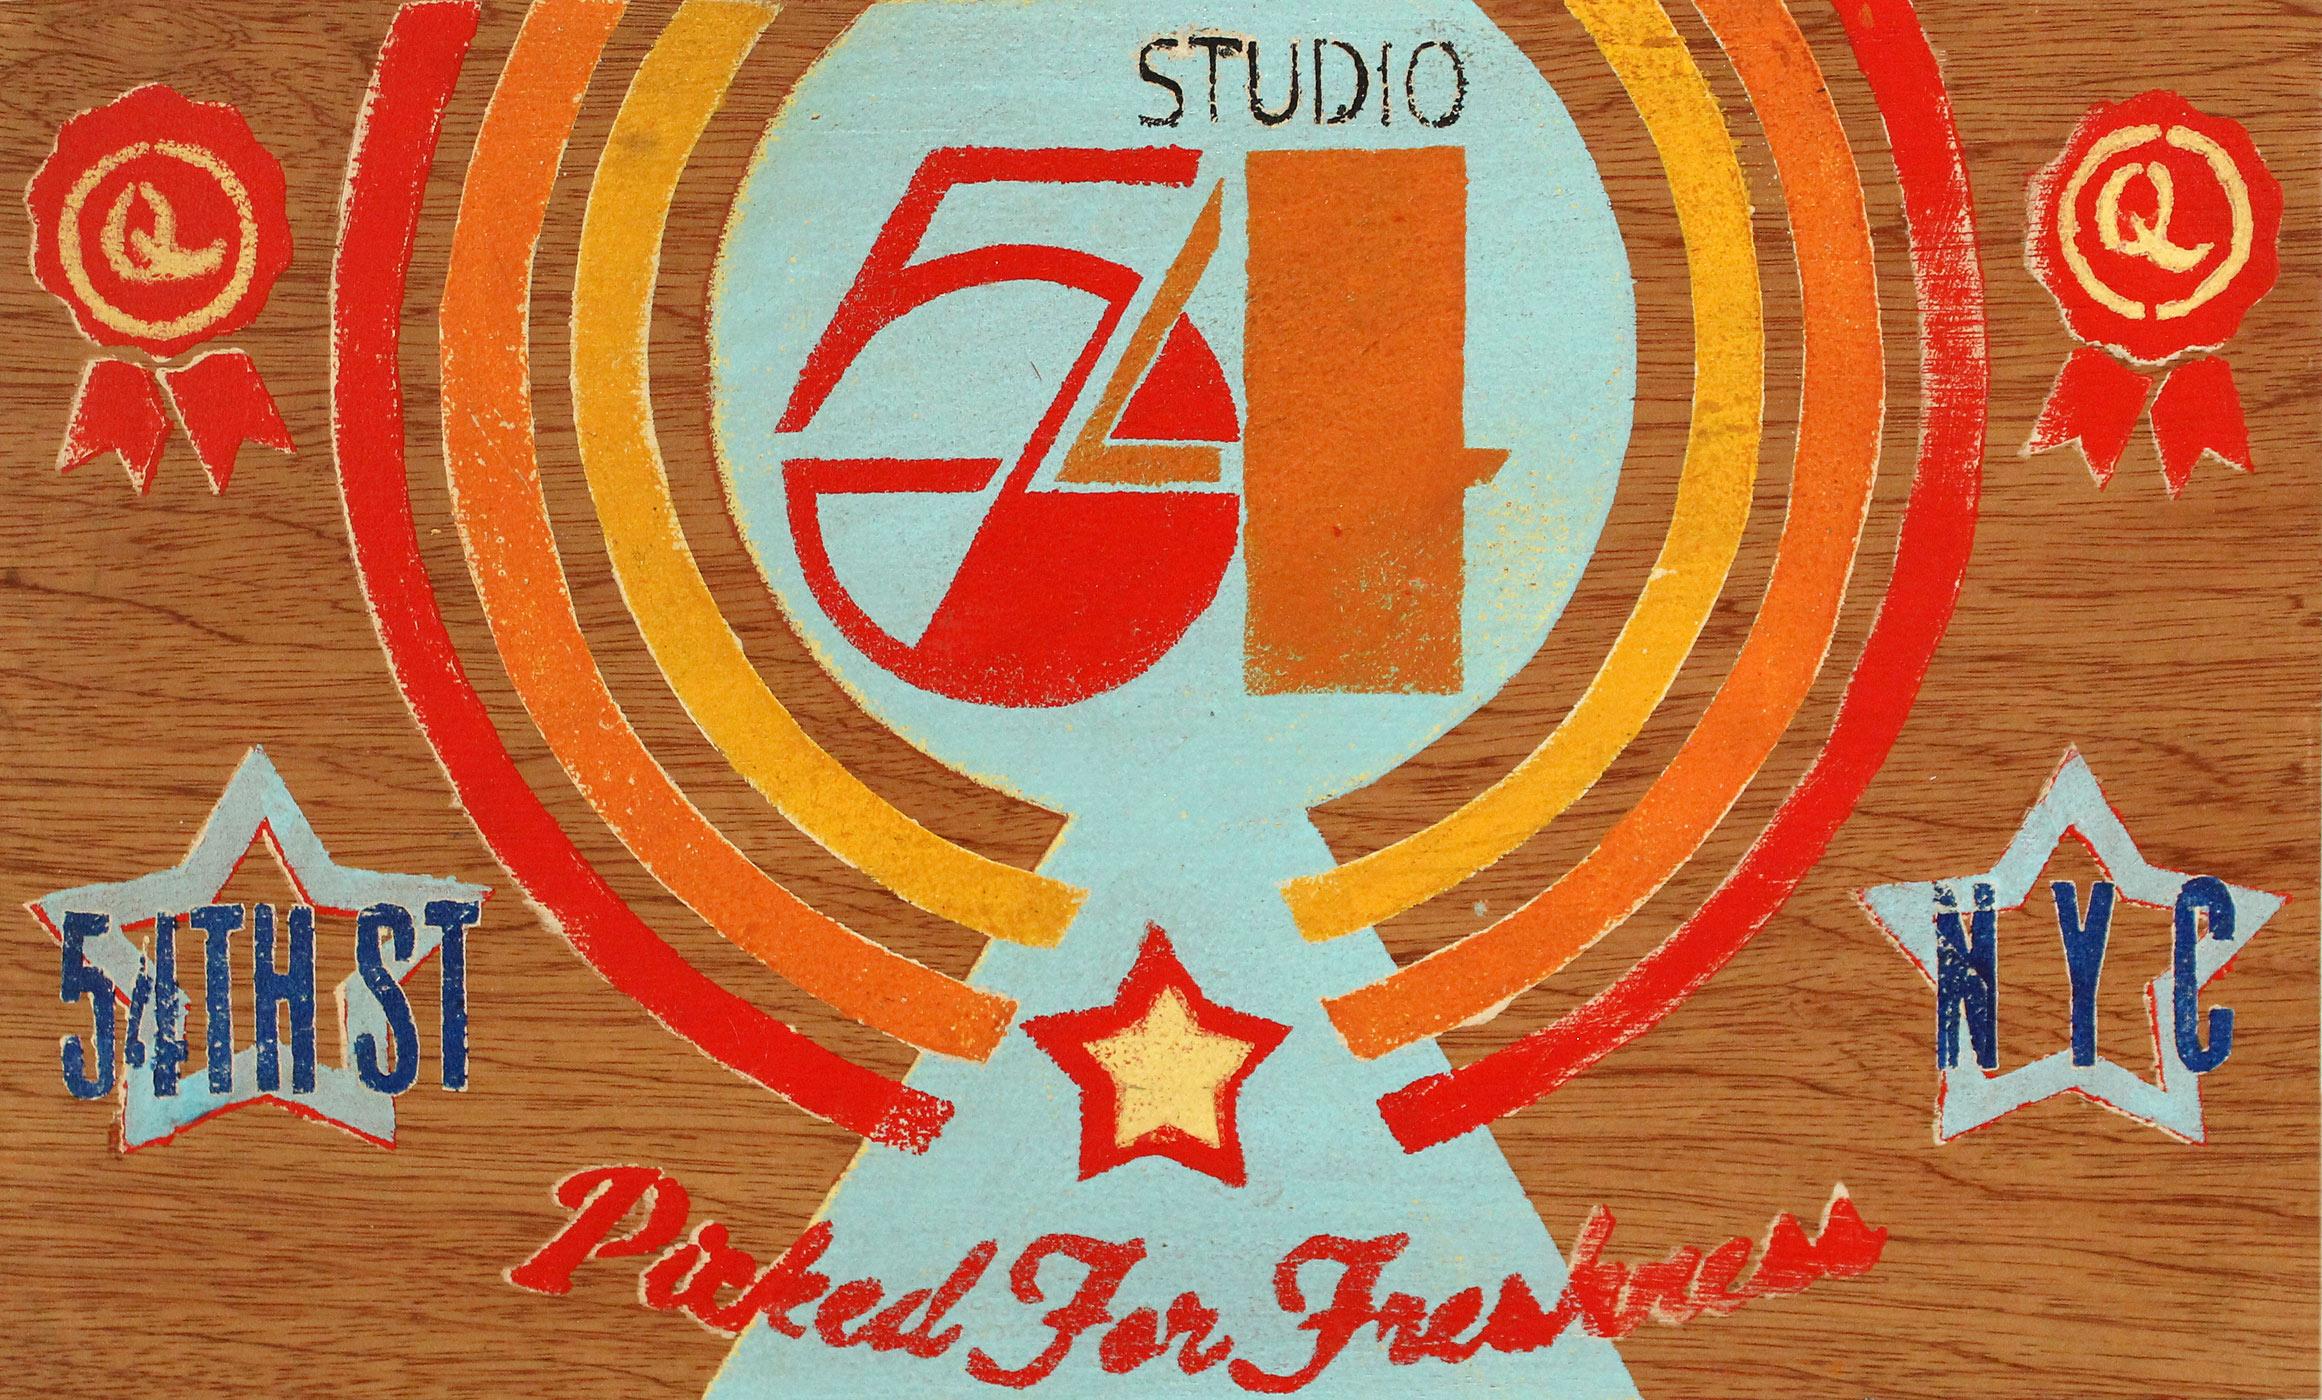 5 studio-54